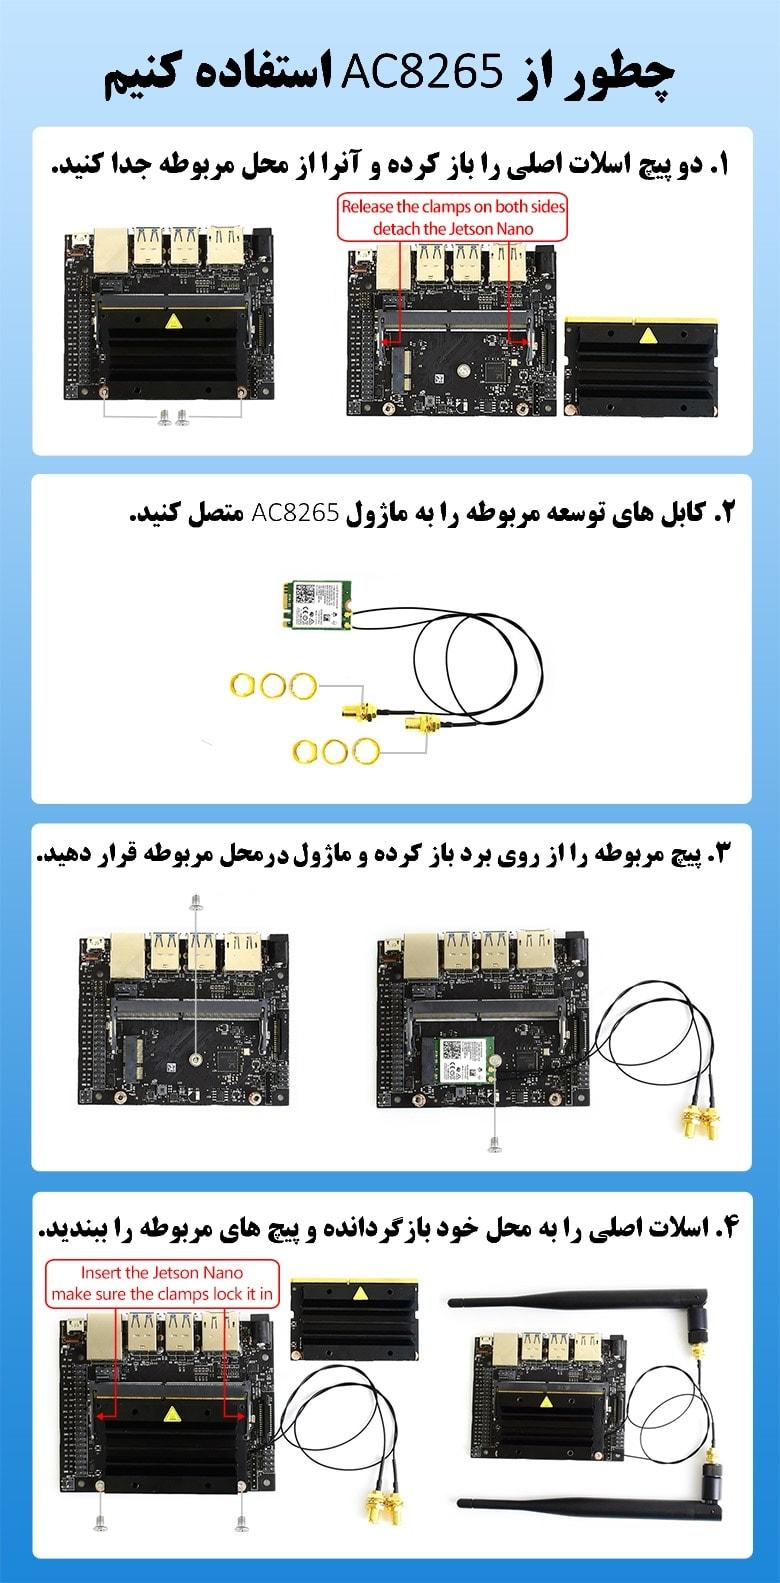 چطور از AC8265 استفاده کنیم